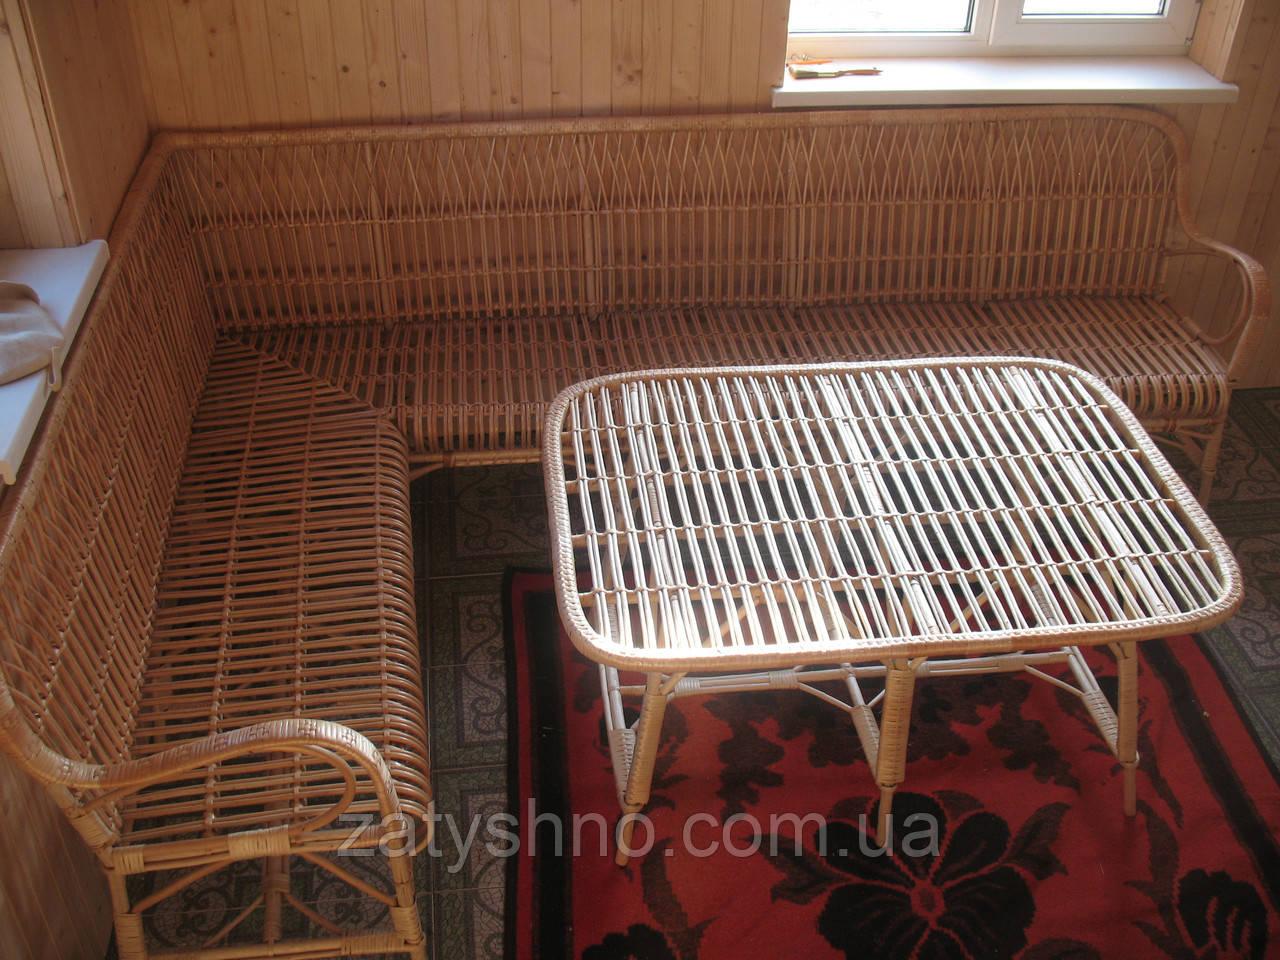 Кухонный уголок плетеный из лозы